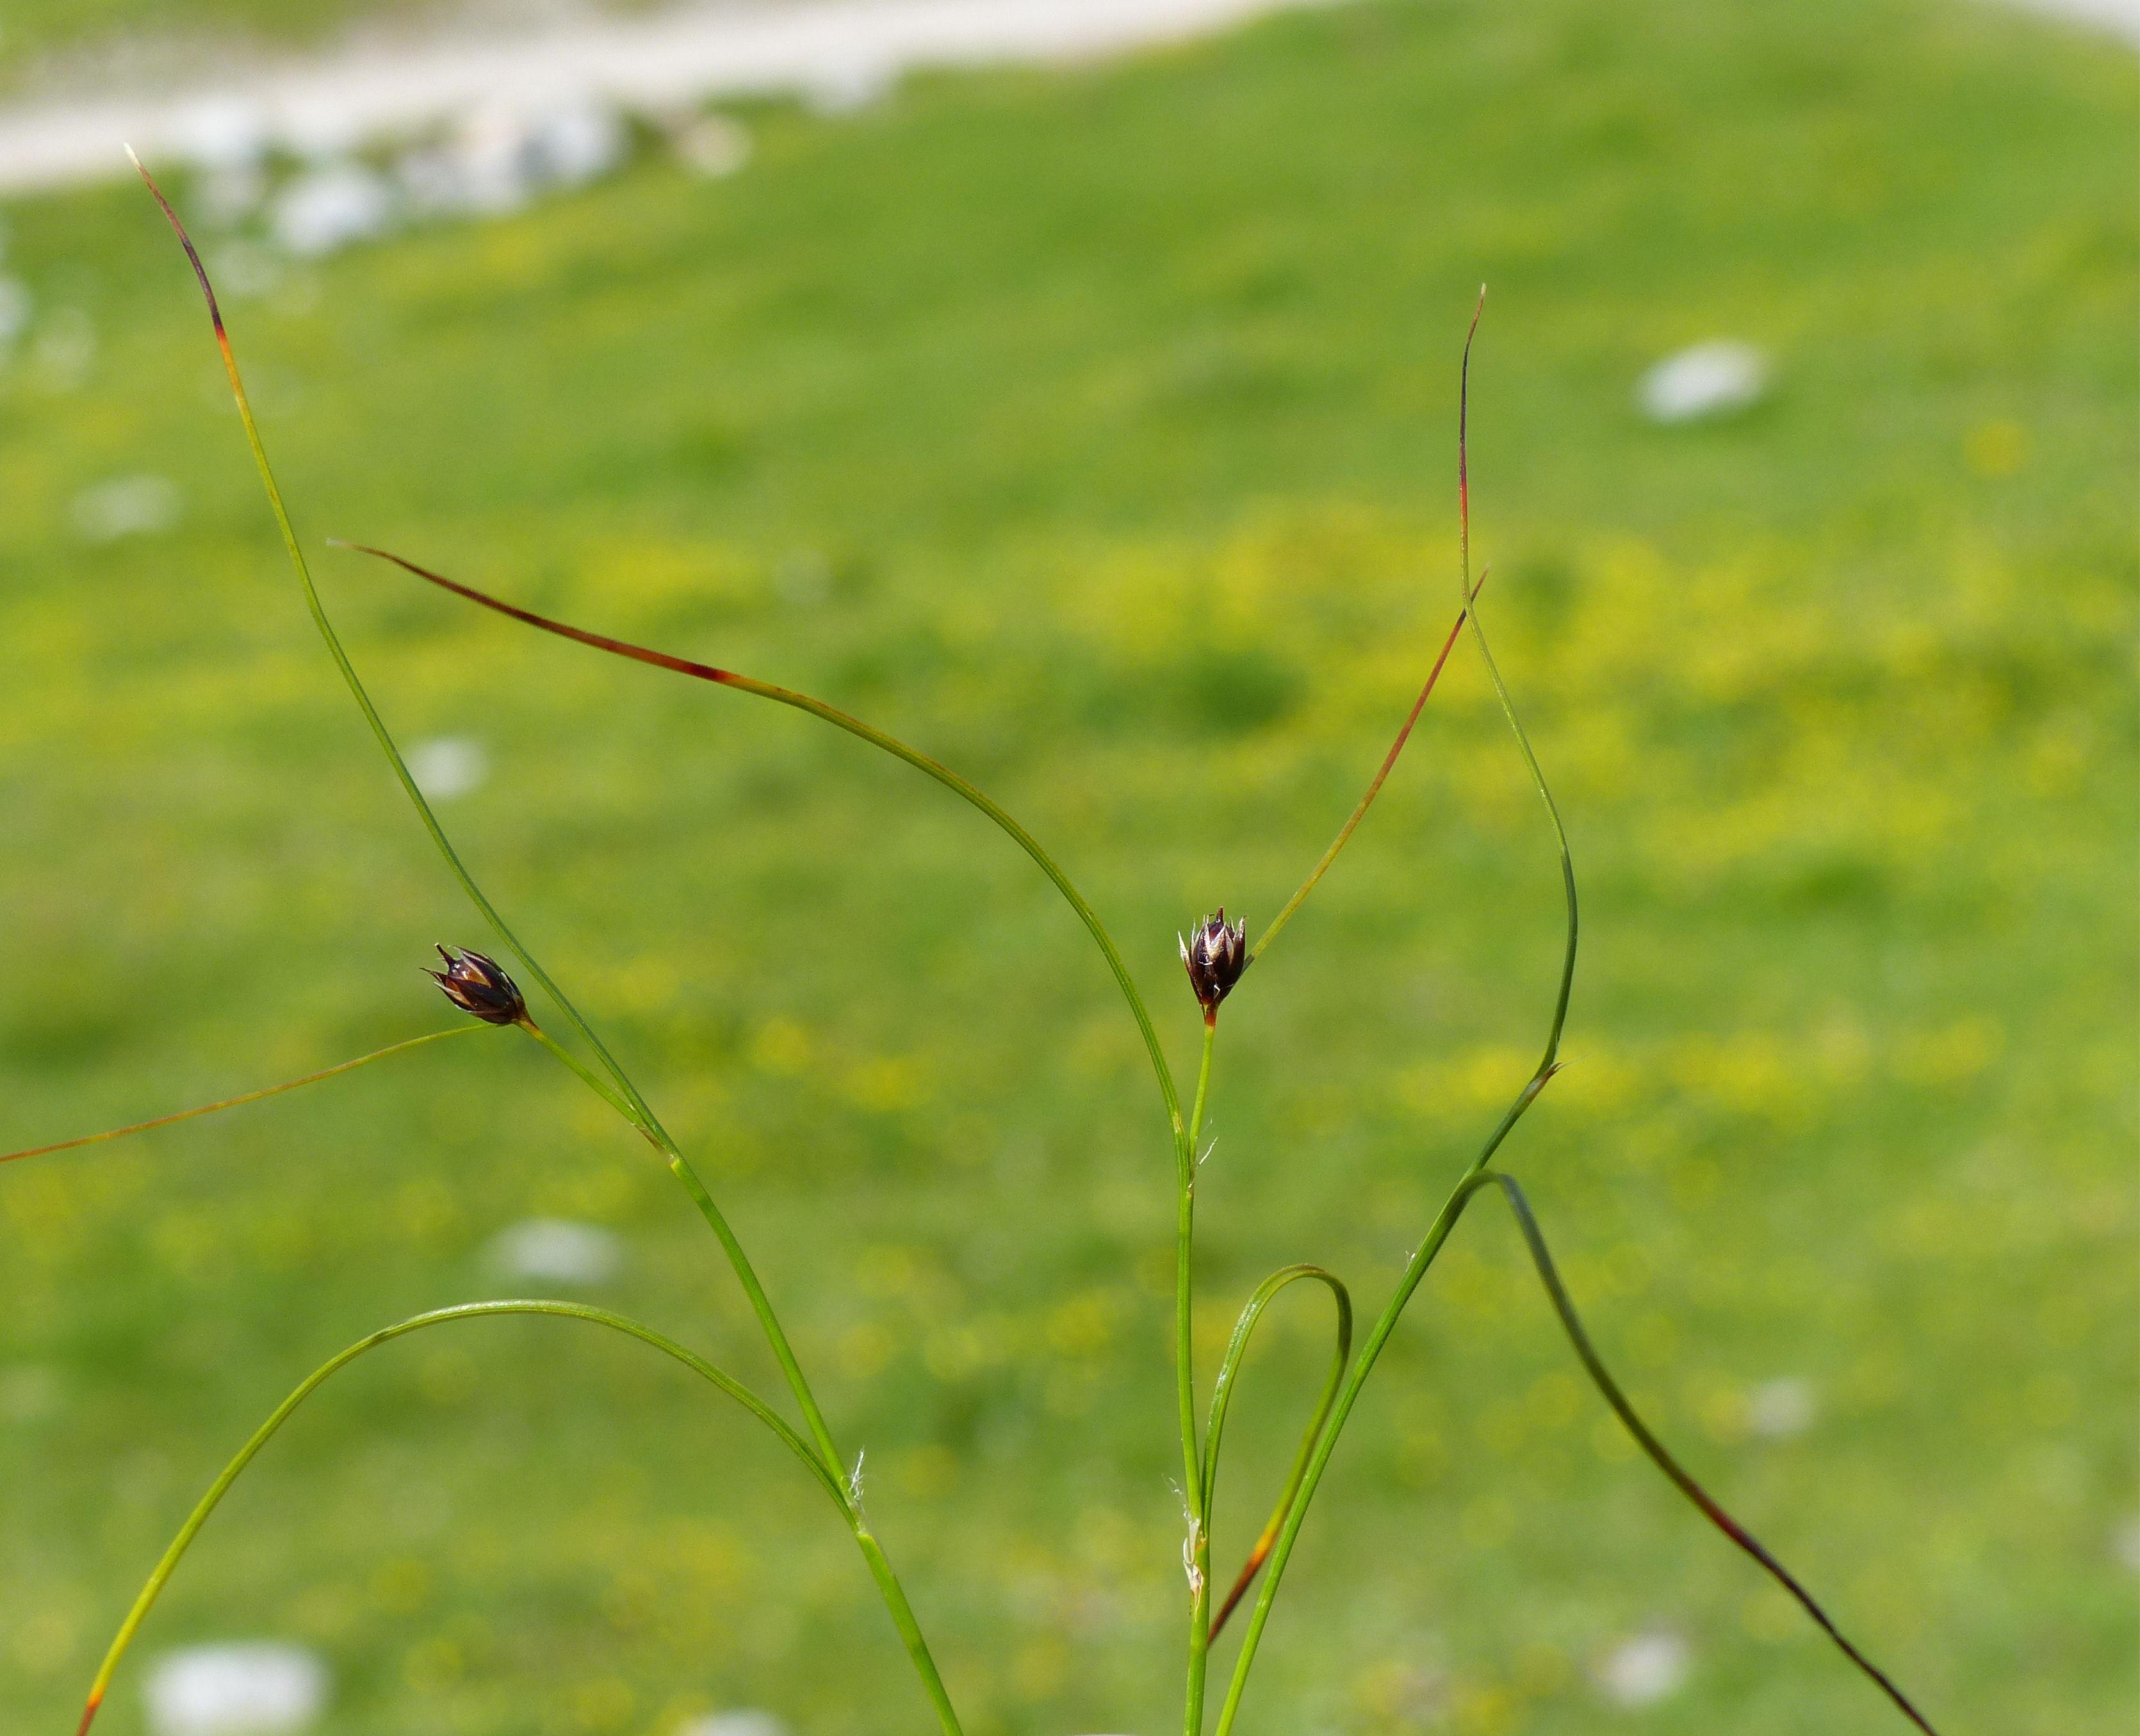 © Dipartimento di Scienze della Vita, Università degli Studi di Trieste<br>by Andrea Moro<br>Comune di Vigo Di Cadore, località Casera Razzo, nei pressi della malga, BL, Veneto, Italia, 14/07/2013<br>Distributed under CC-BY-SA 4.0 license.